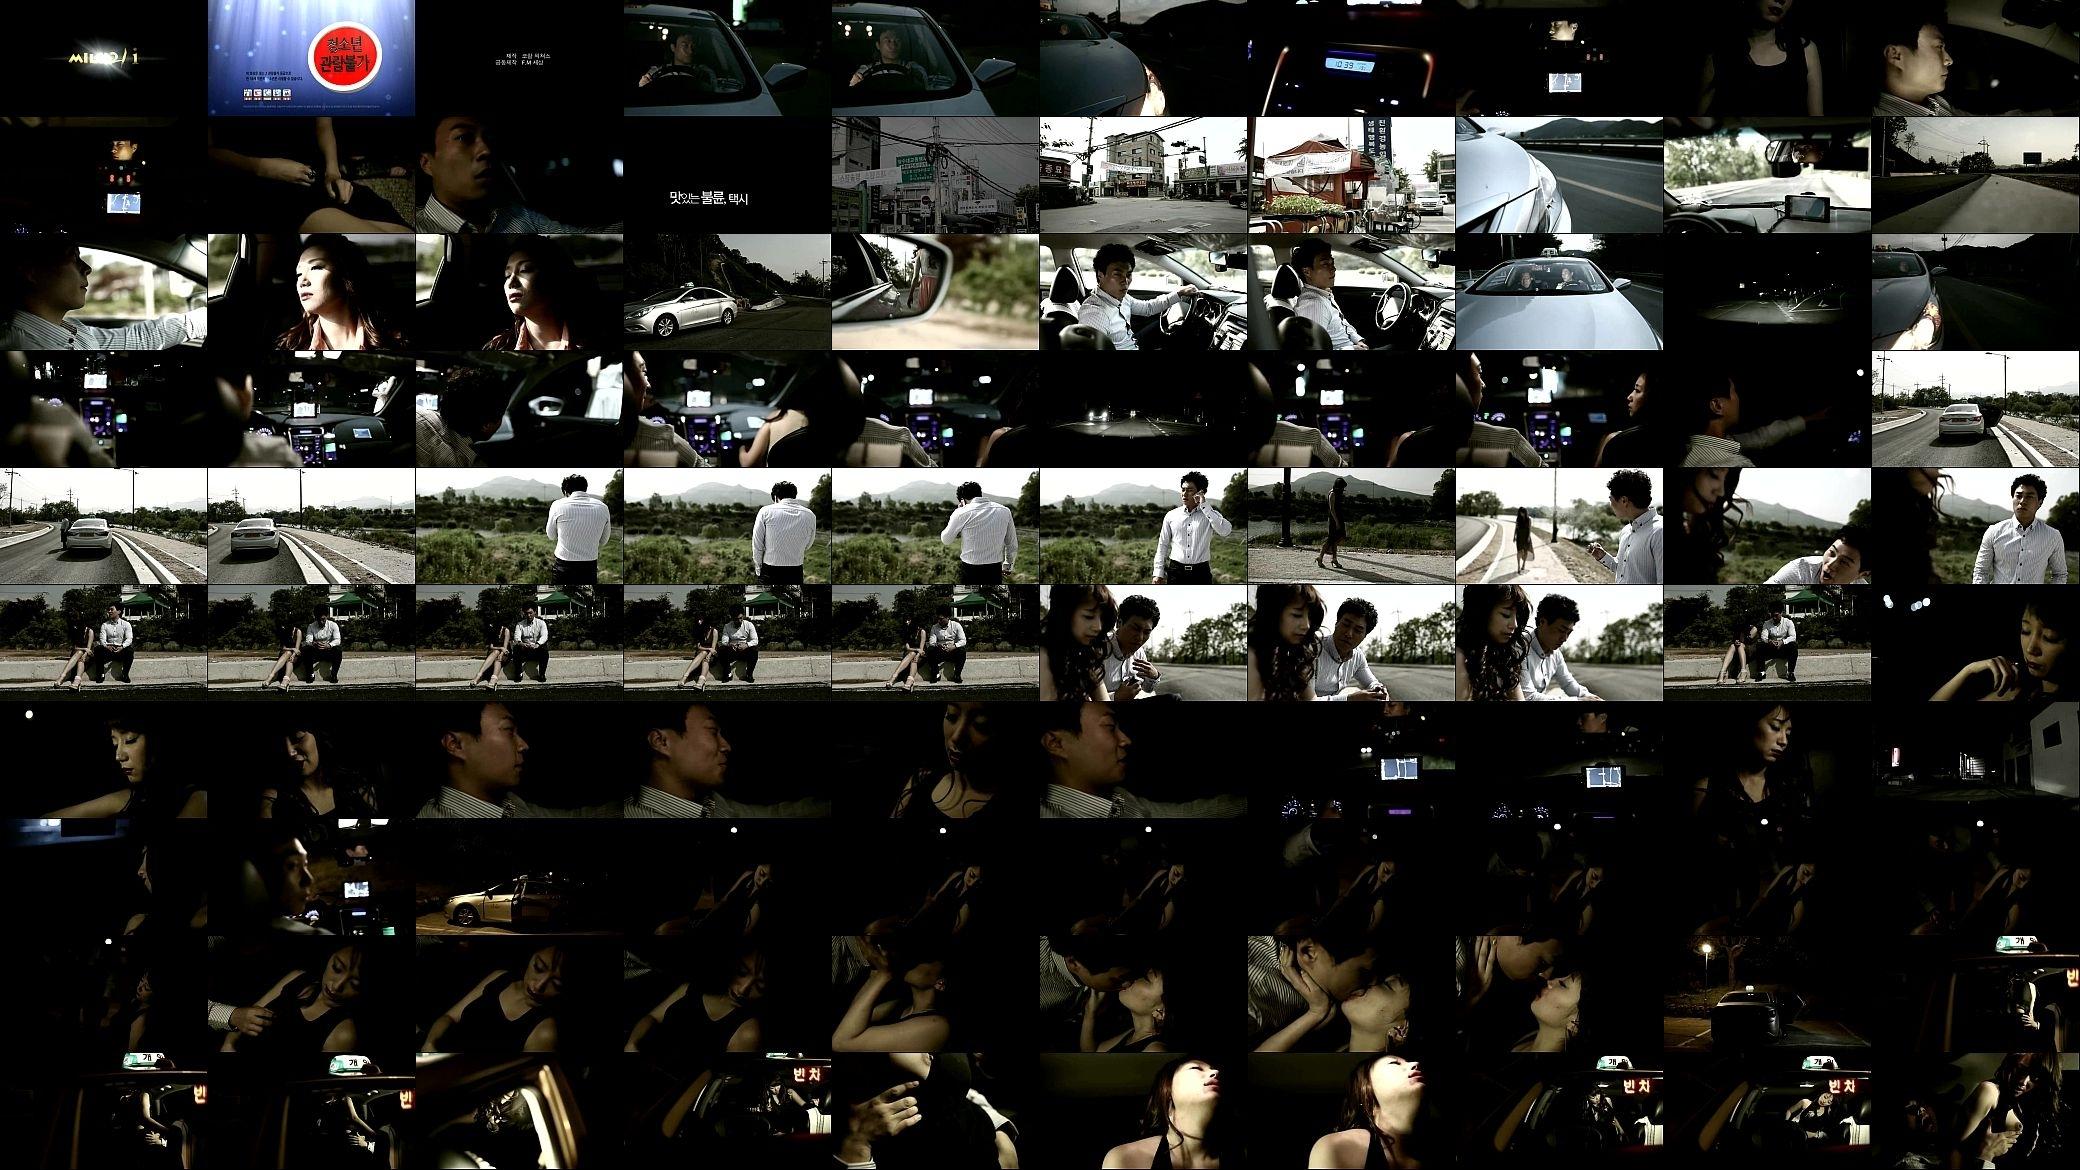 Movie22.delicious Affair (2012) 1 - Xnxx